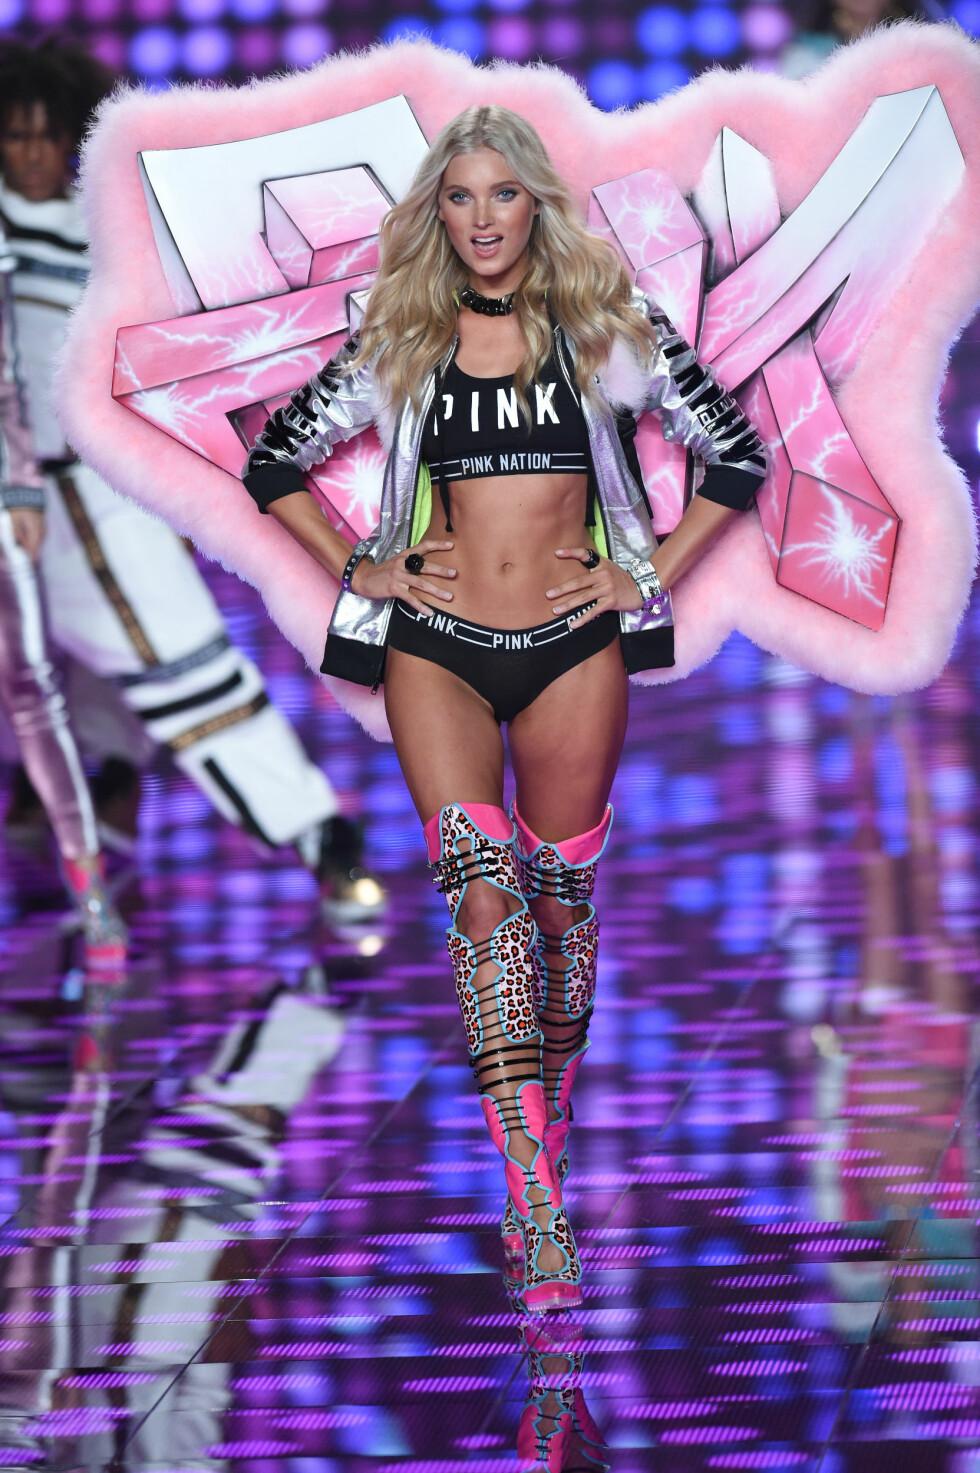 NR. 3: Den svenske, 26 år gamle modellen Elsa Hosk. Hun har gått det årlige undertøysshowet til Victoria's Secret i flere år allerede - her på catwalken i desember 2014. Tidligere har hun spilt basketball på profesjonelt nivå.   Foto: Abaca